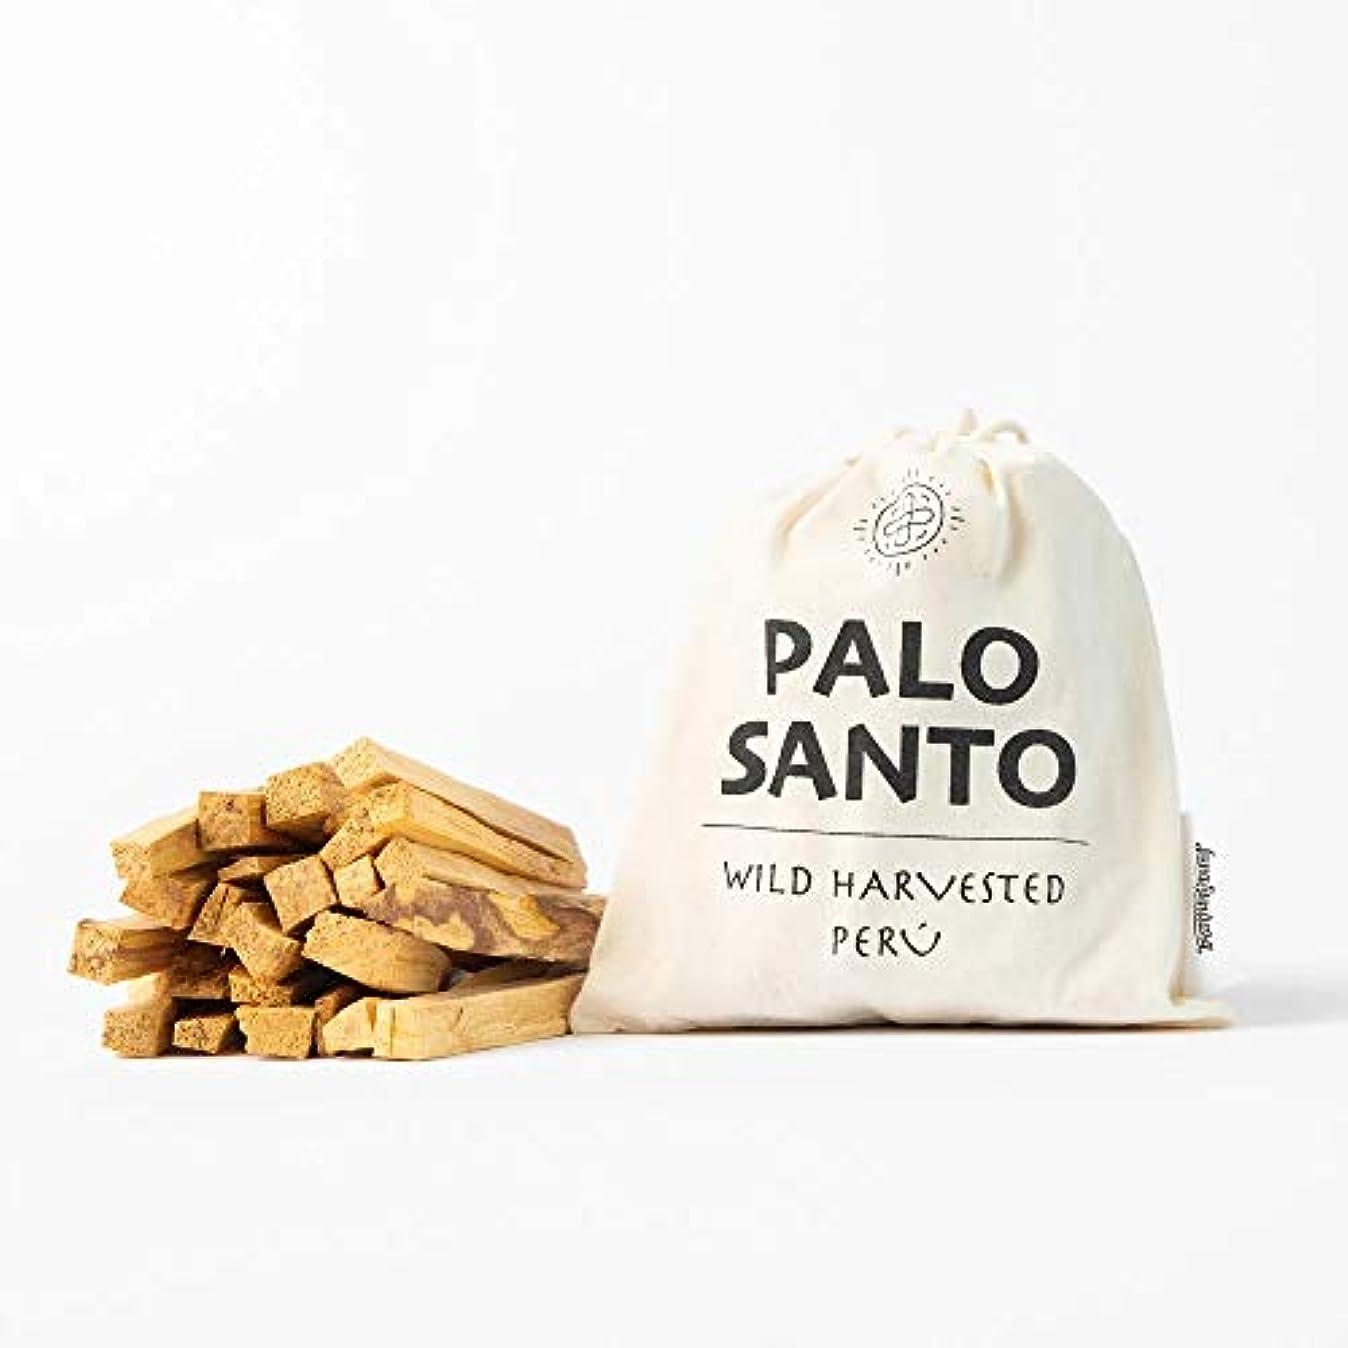 汚染恥ずかしさ丈夫ルナスンダラ (Luna Sundara) Palo Santo Smudging Sticks パロサント スマッジングスティック香木[100g入りBag]